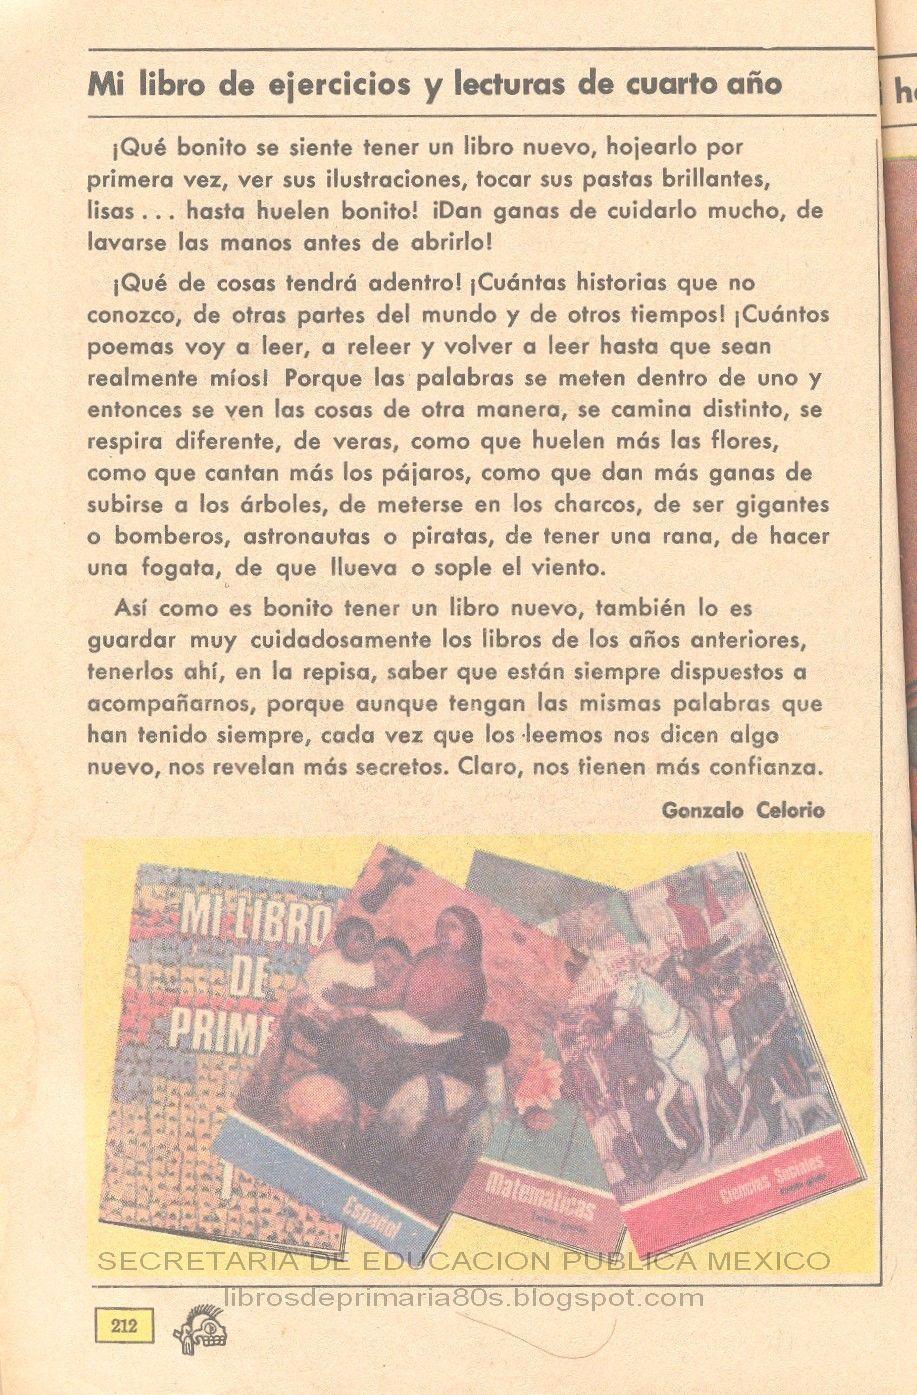 Libros de Primaria de los 80\'s: Mi libro de ejercicios y lecturas de ...